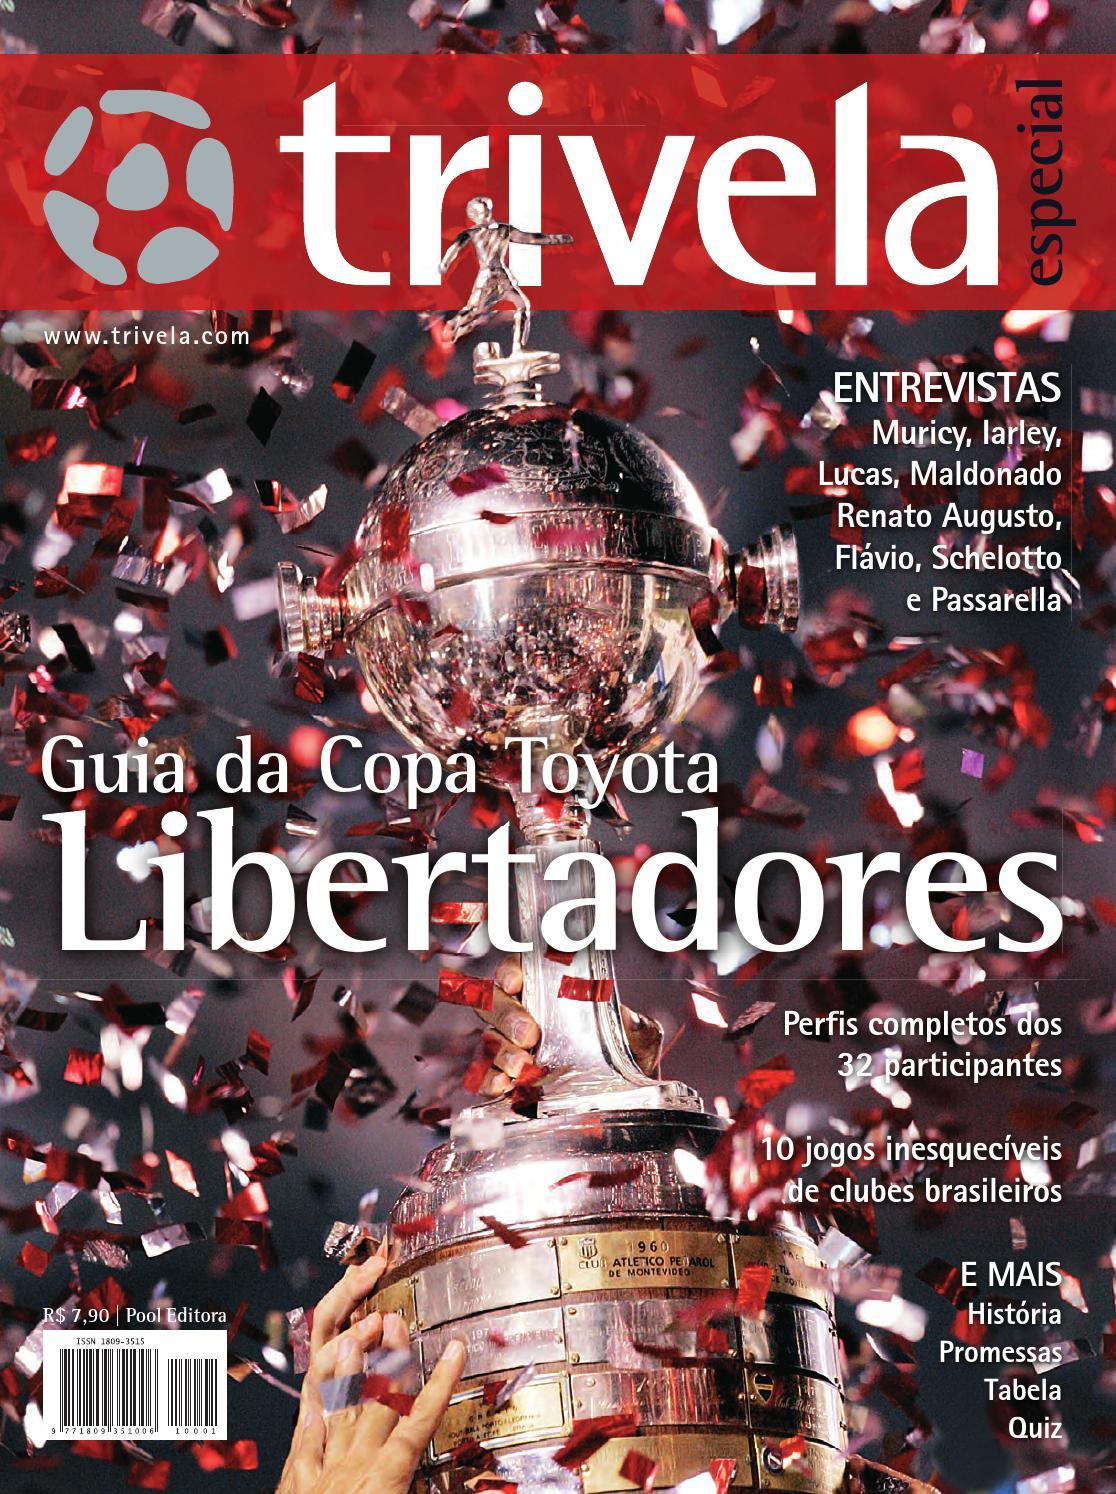 Guia da Libertadores 2007 by °F451 - issuu cc85c56909f0d